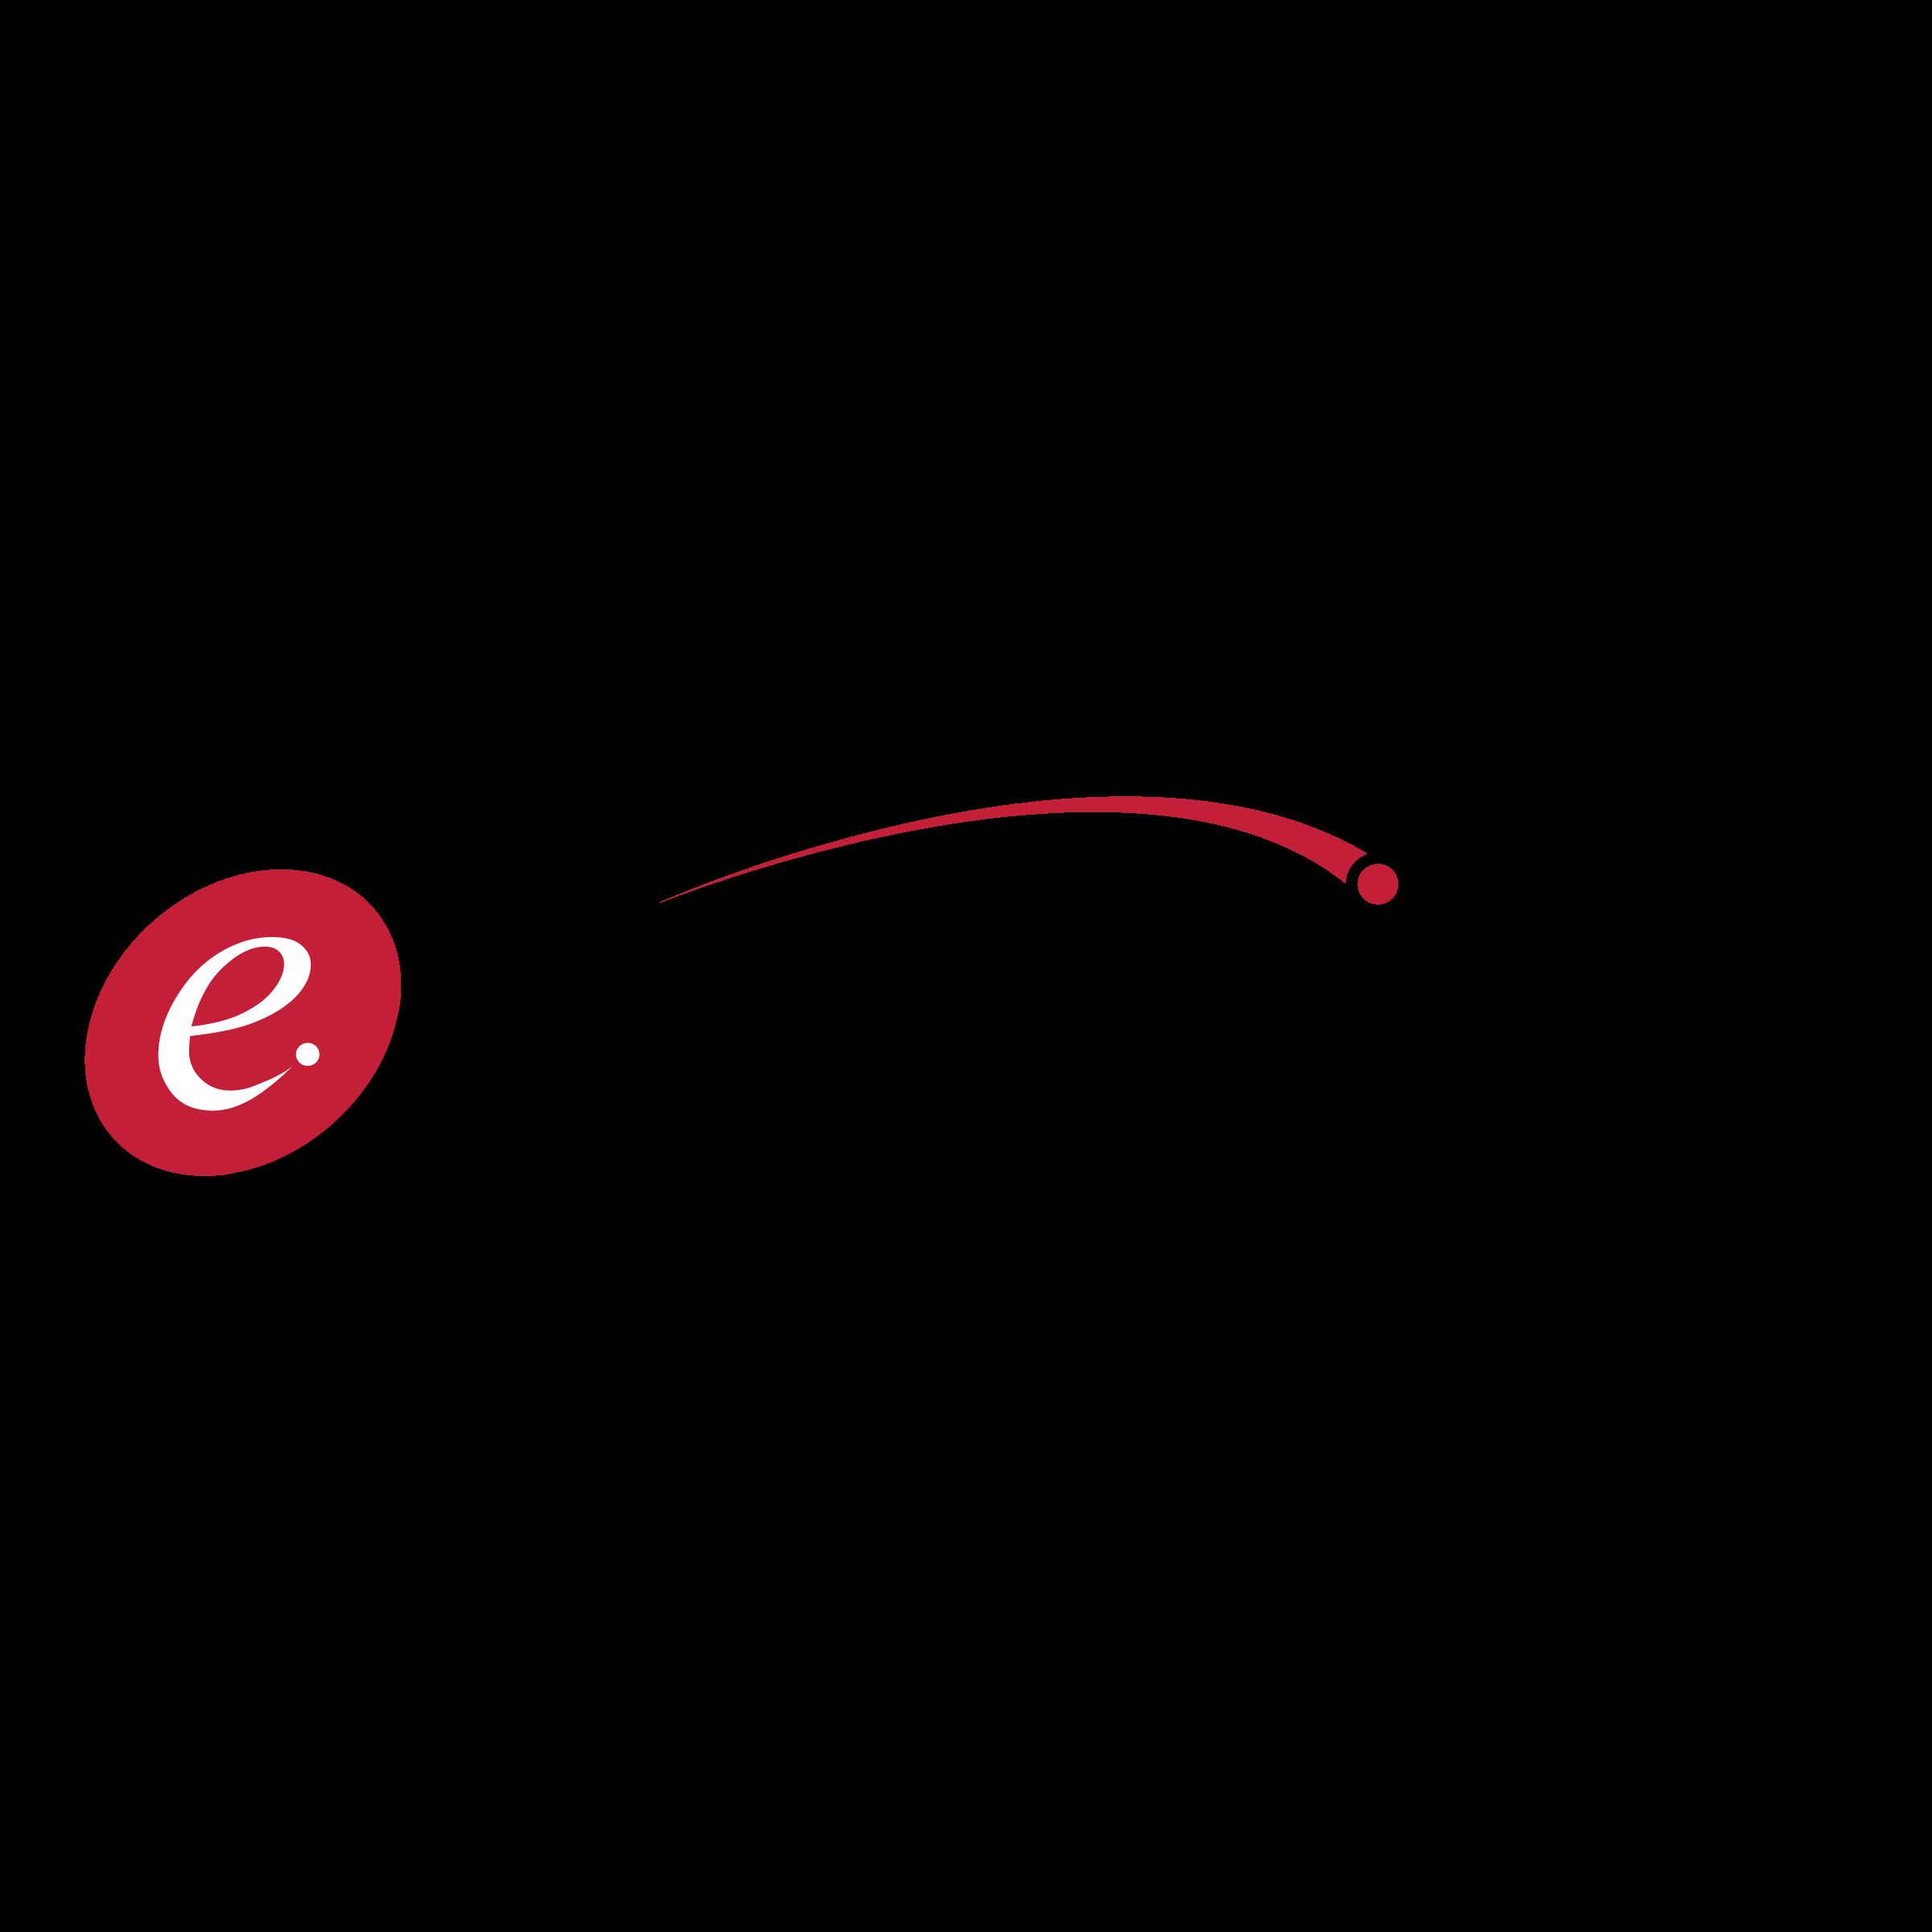 SmartForce e Learning Logo PNG Transparent & SVG Vector.